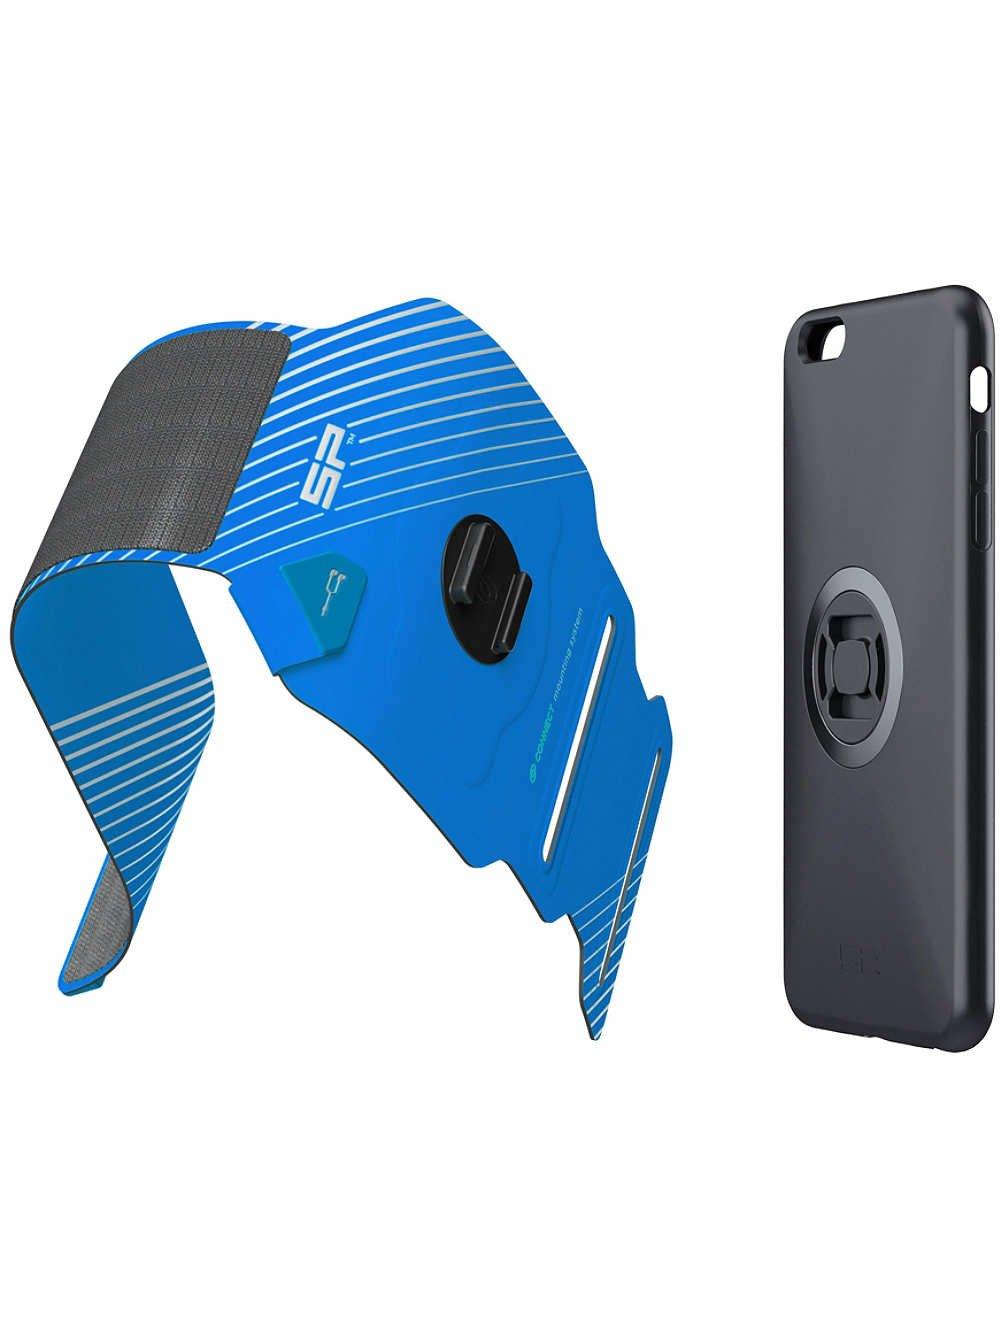 SP-Gadgets Helmkamera SP Connect Fitness Bundle 6/6S Plus